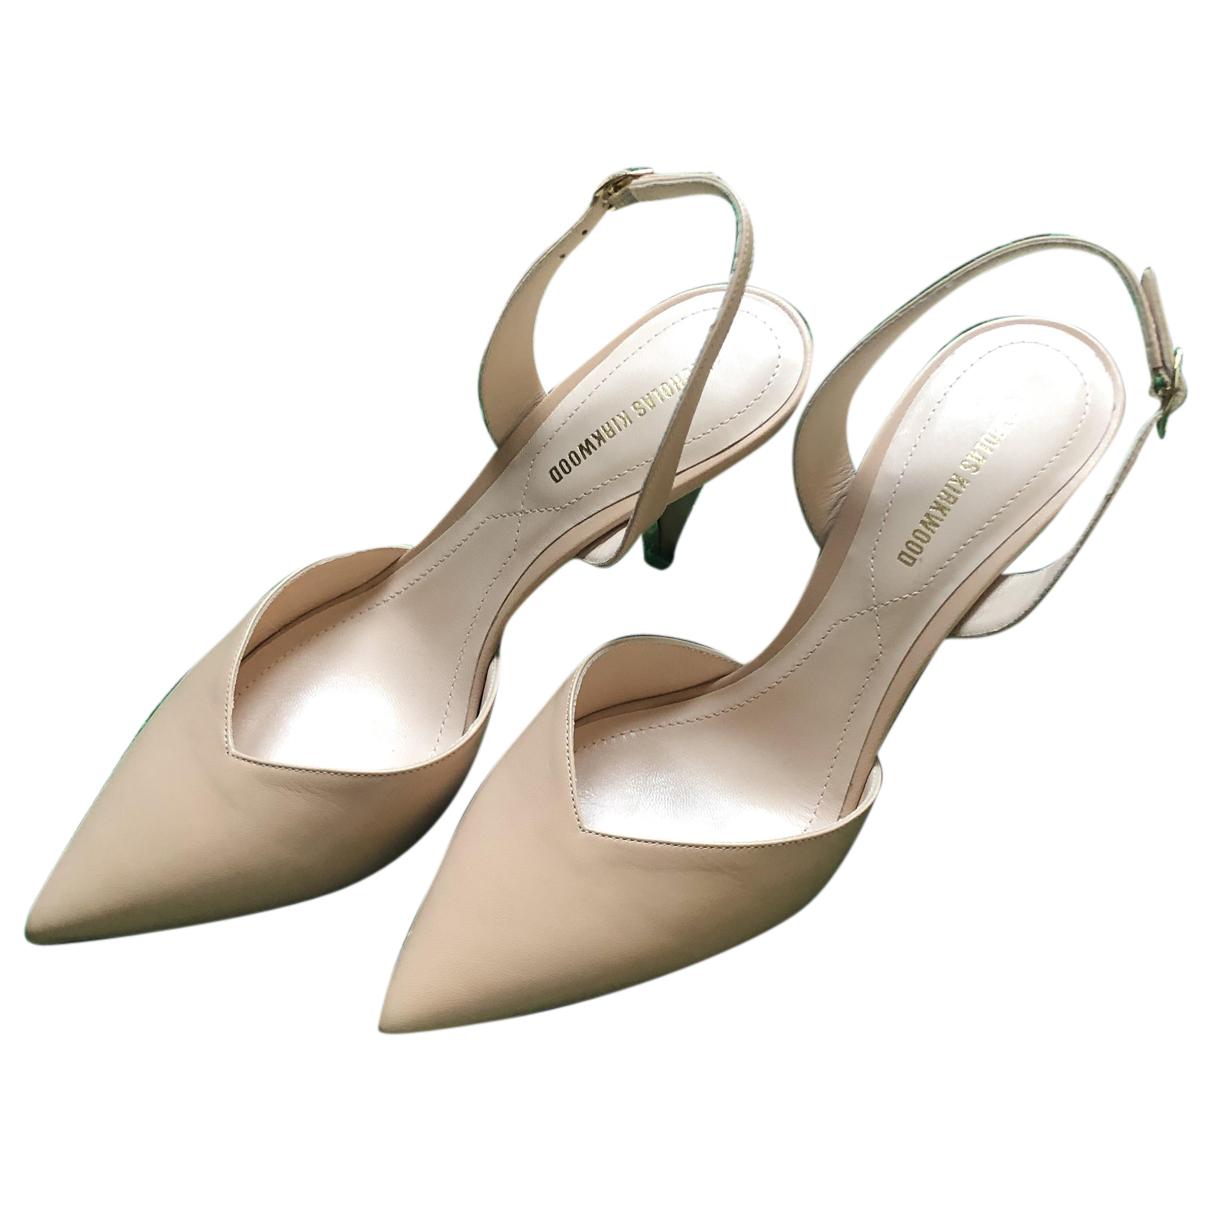 Nicholas Kirkwood N Beige Leather Heels for Women 38 EU